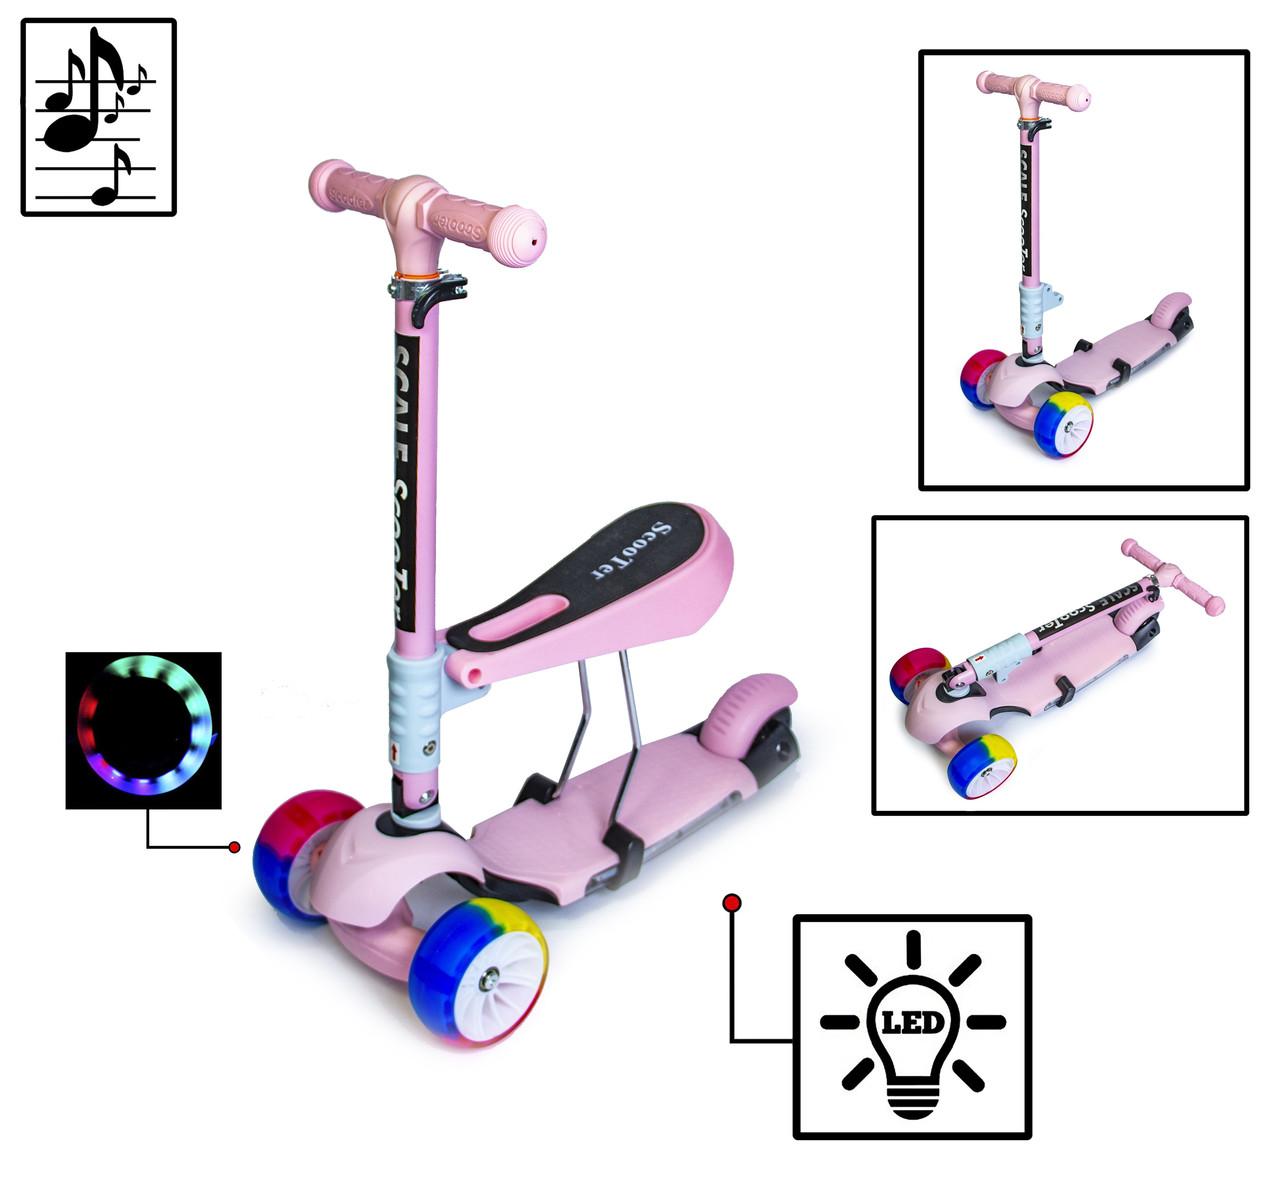 Самока Scooter 3in1 Pink Складна ручка Зі світлом і музикою Смарт-колеса